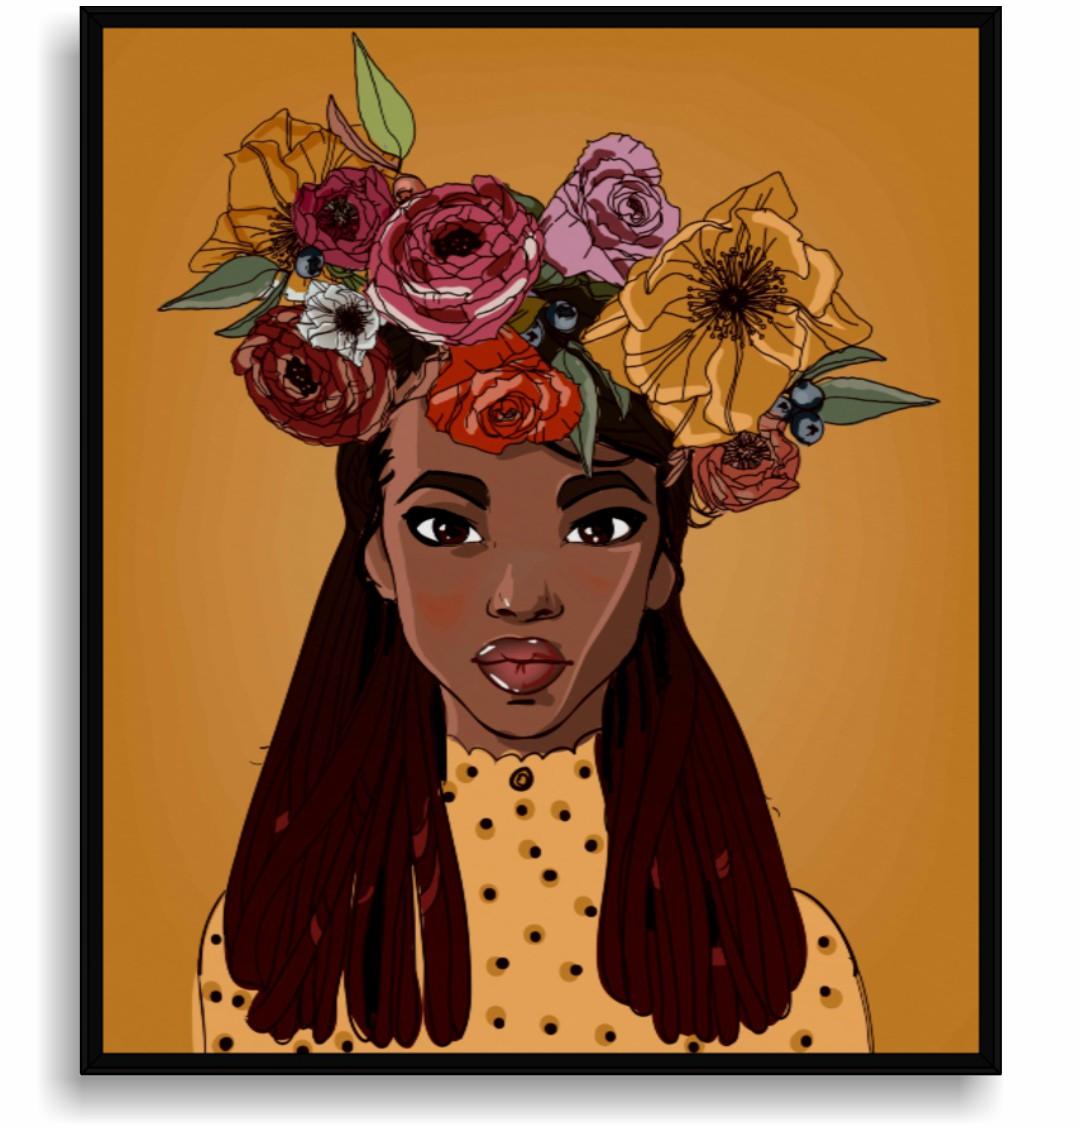 Quadro Decorativo Ilustração Menina com Coroa de Flores